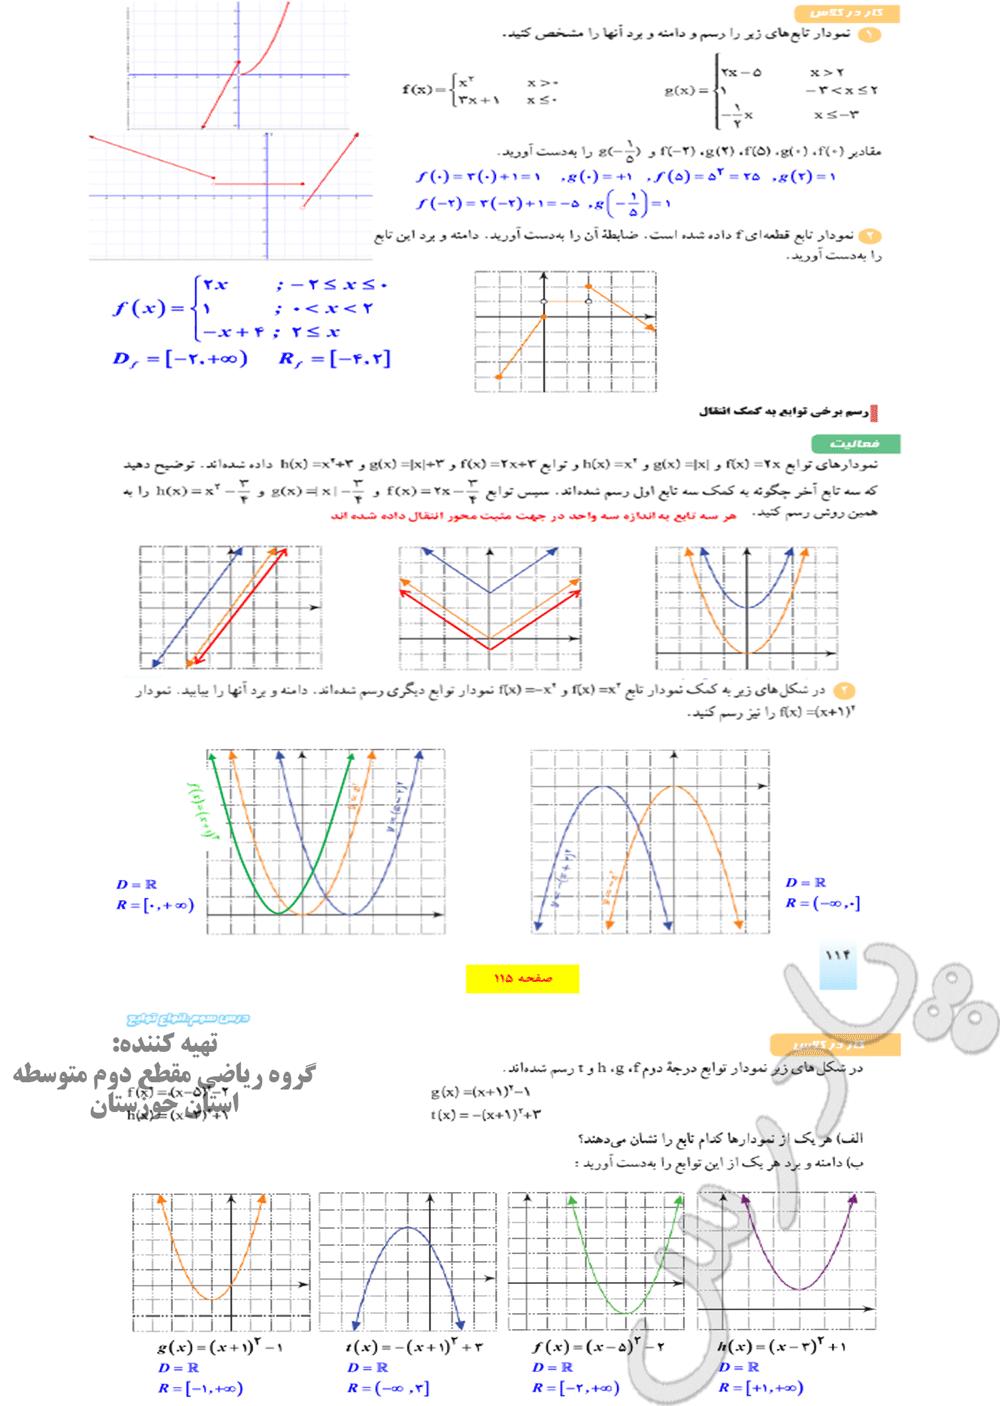 حل فعالیت وکاردرکلاس صفحه 113و114 ریاضی دهم